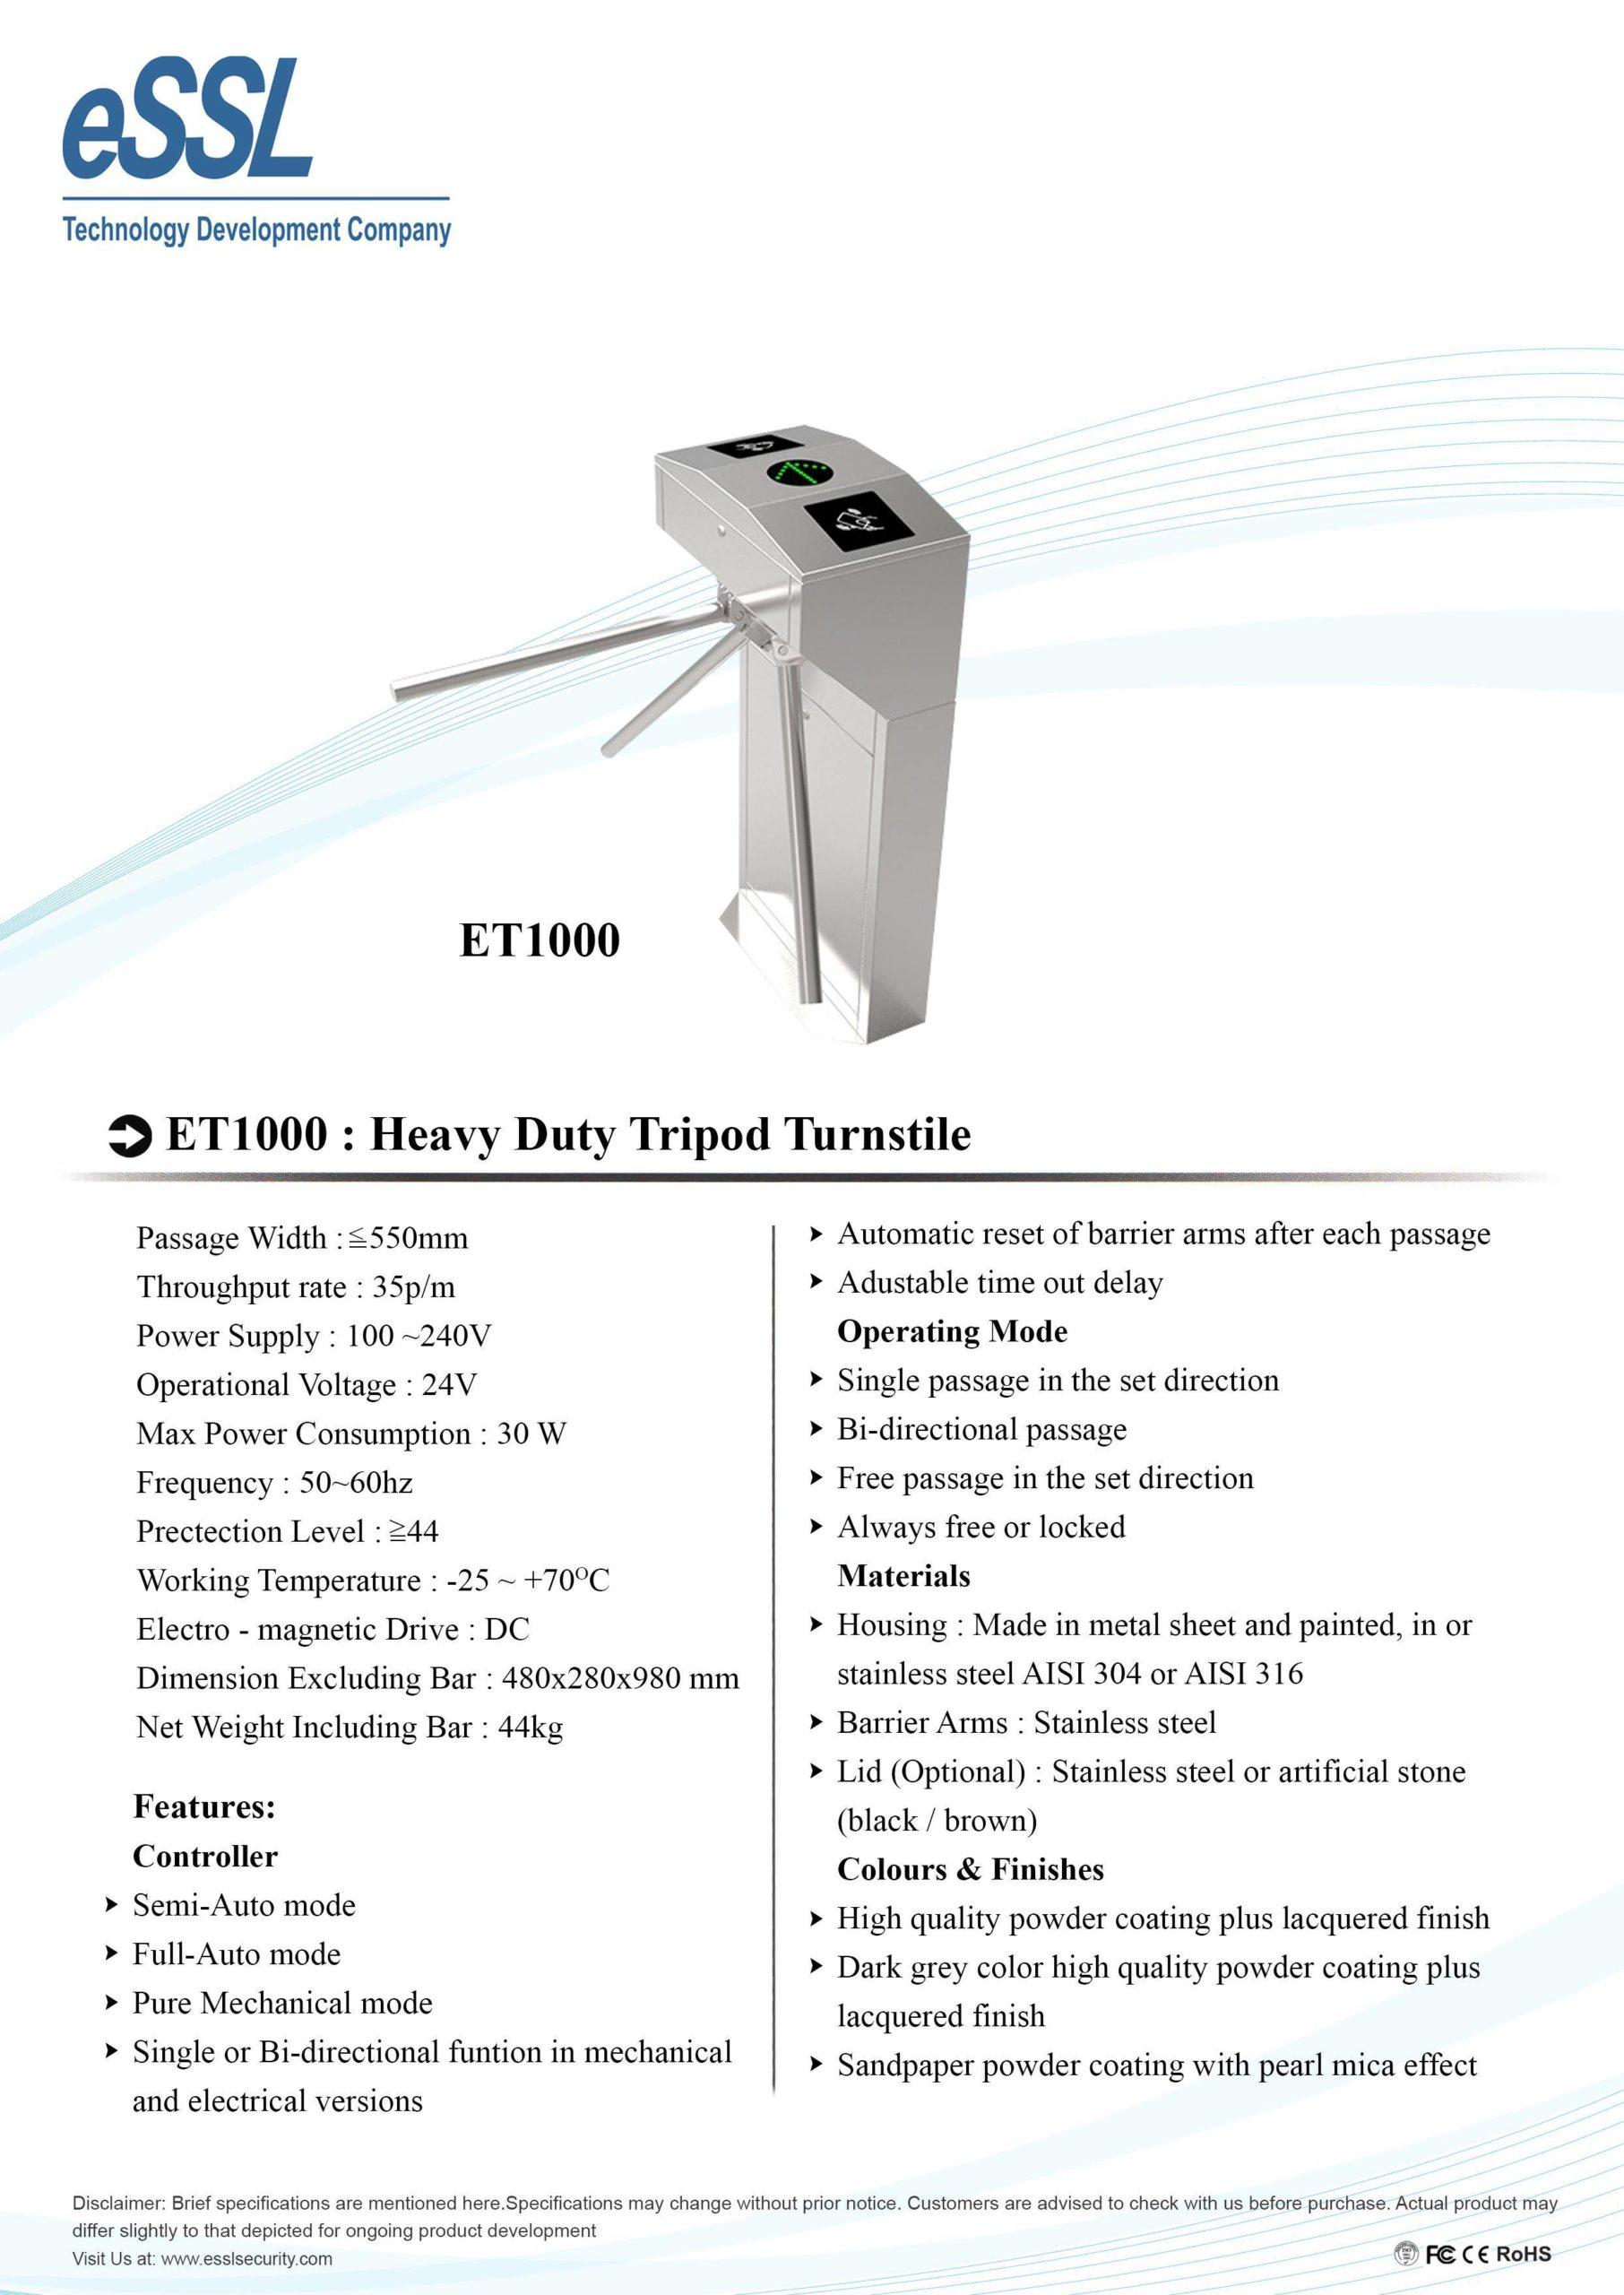 ET1000 Heavy Duty Tripod Turnstile